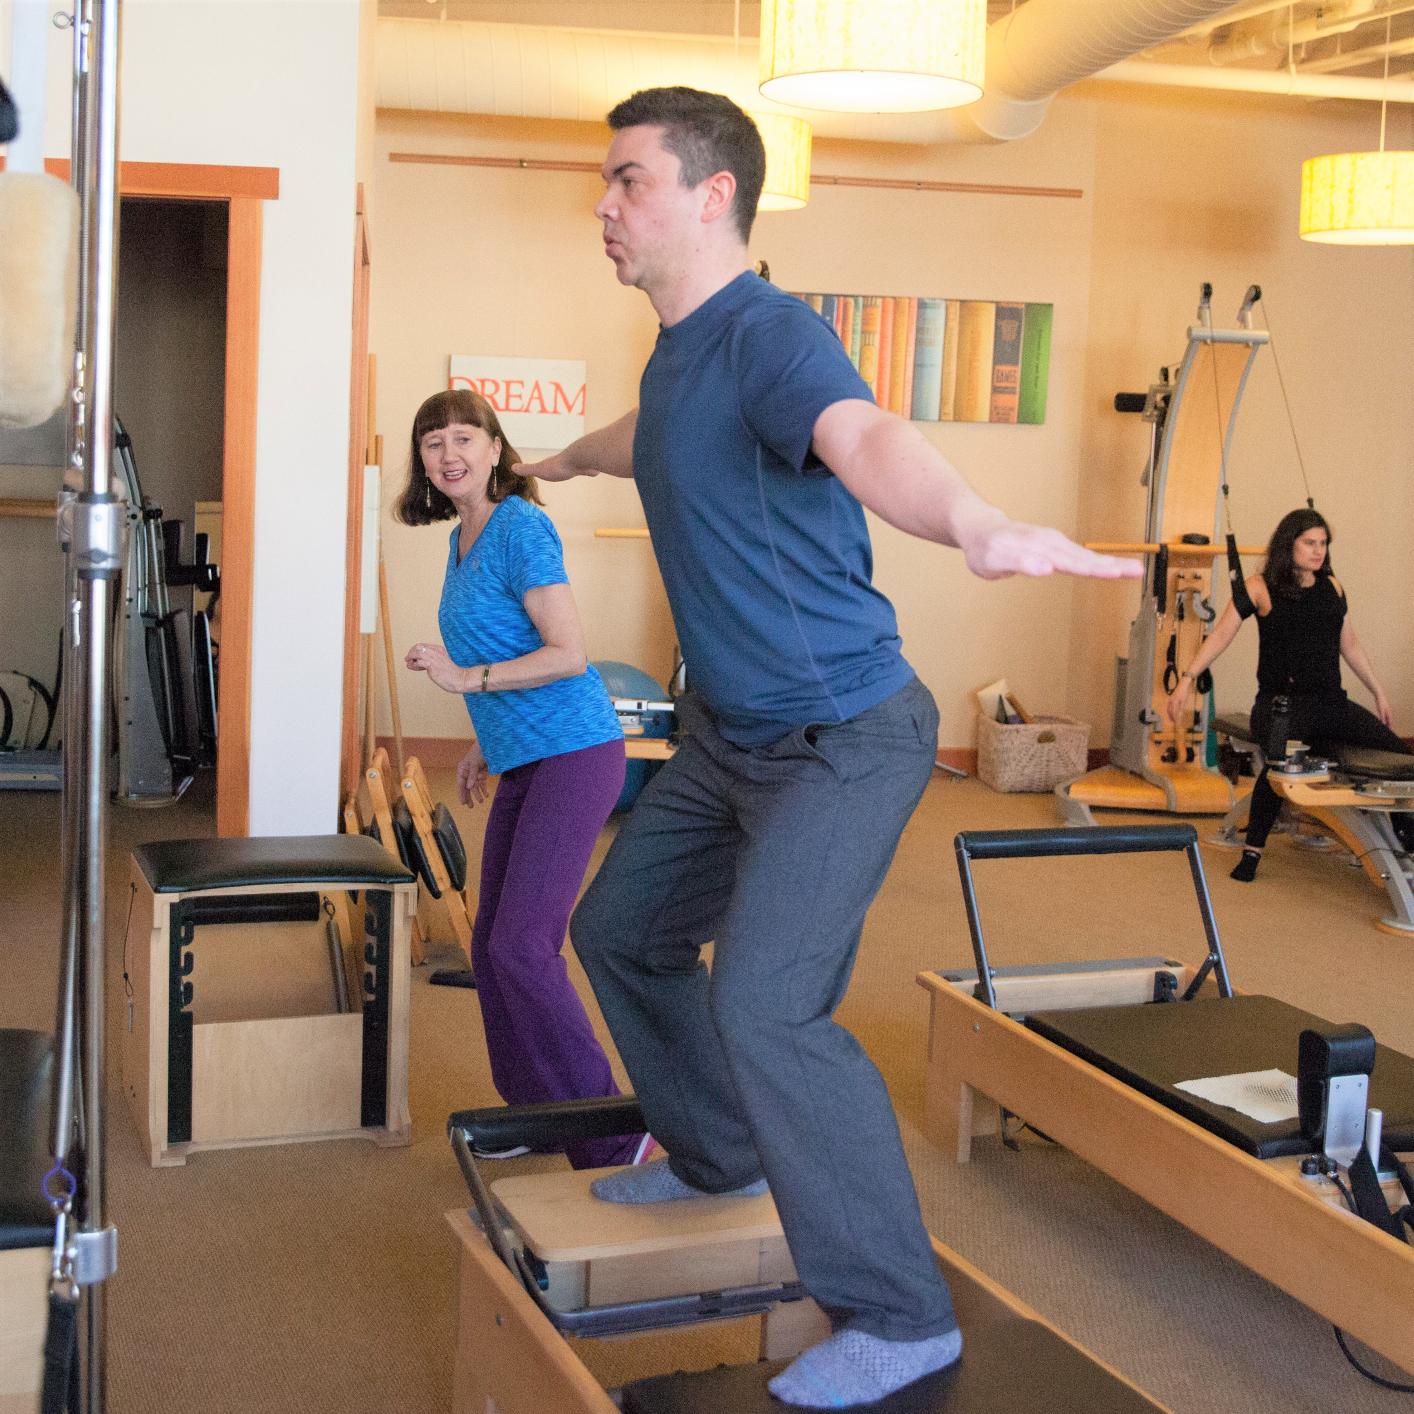 Private Pilates Instruction Studio Evolve